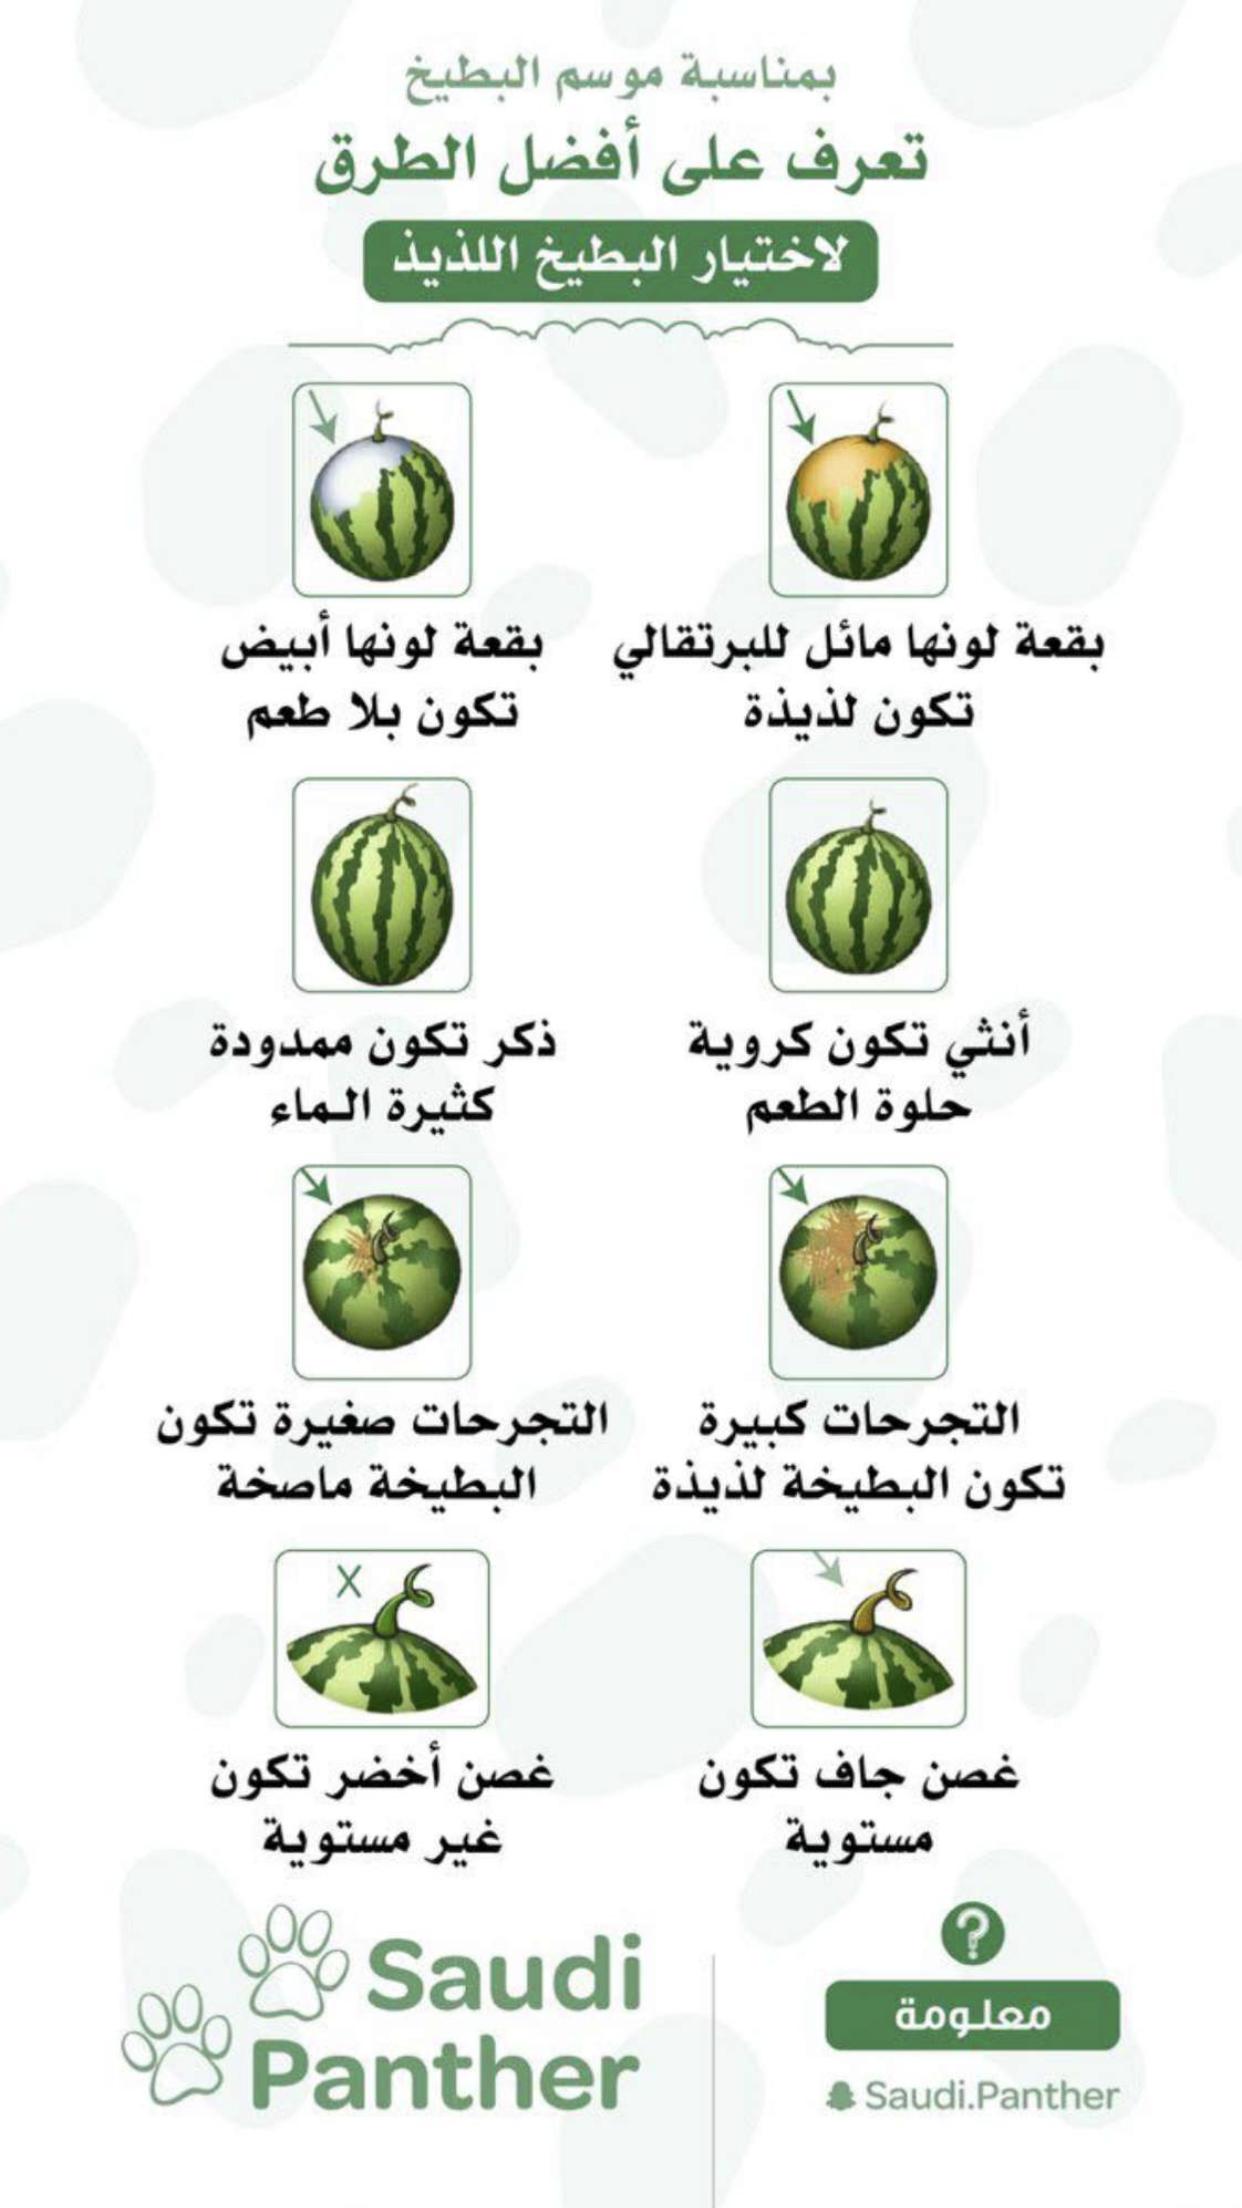 أفضل انواع البطيخ Health Facts Food Save Food Cookout Food